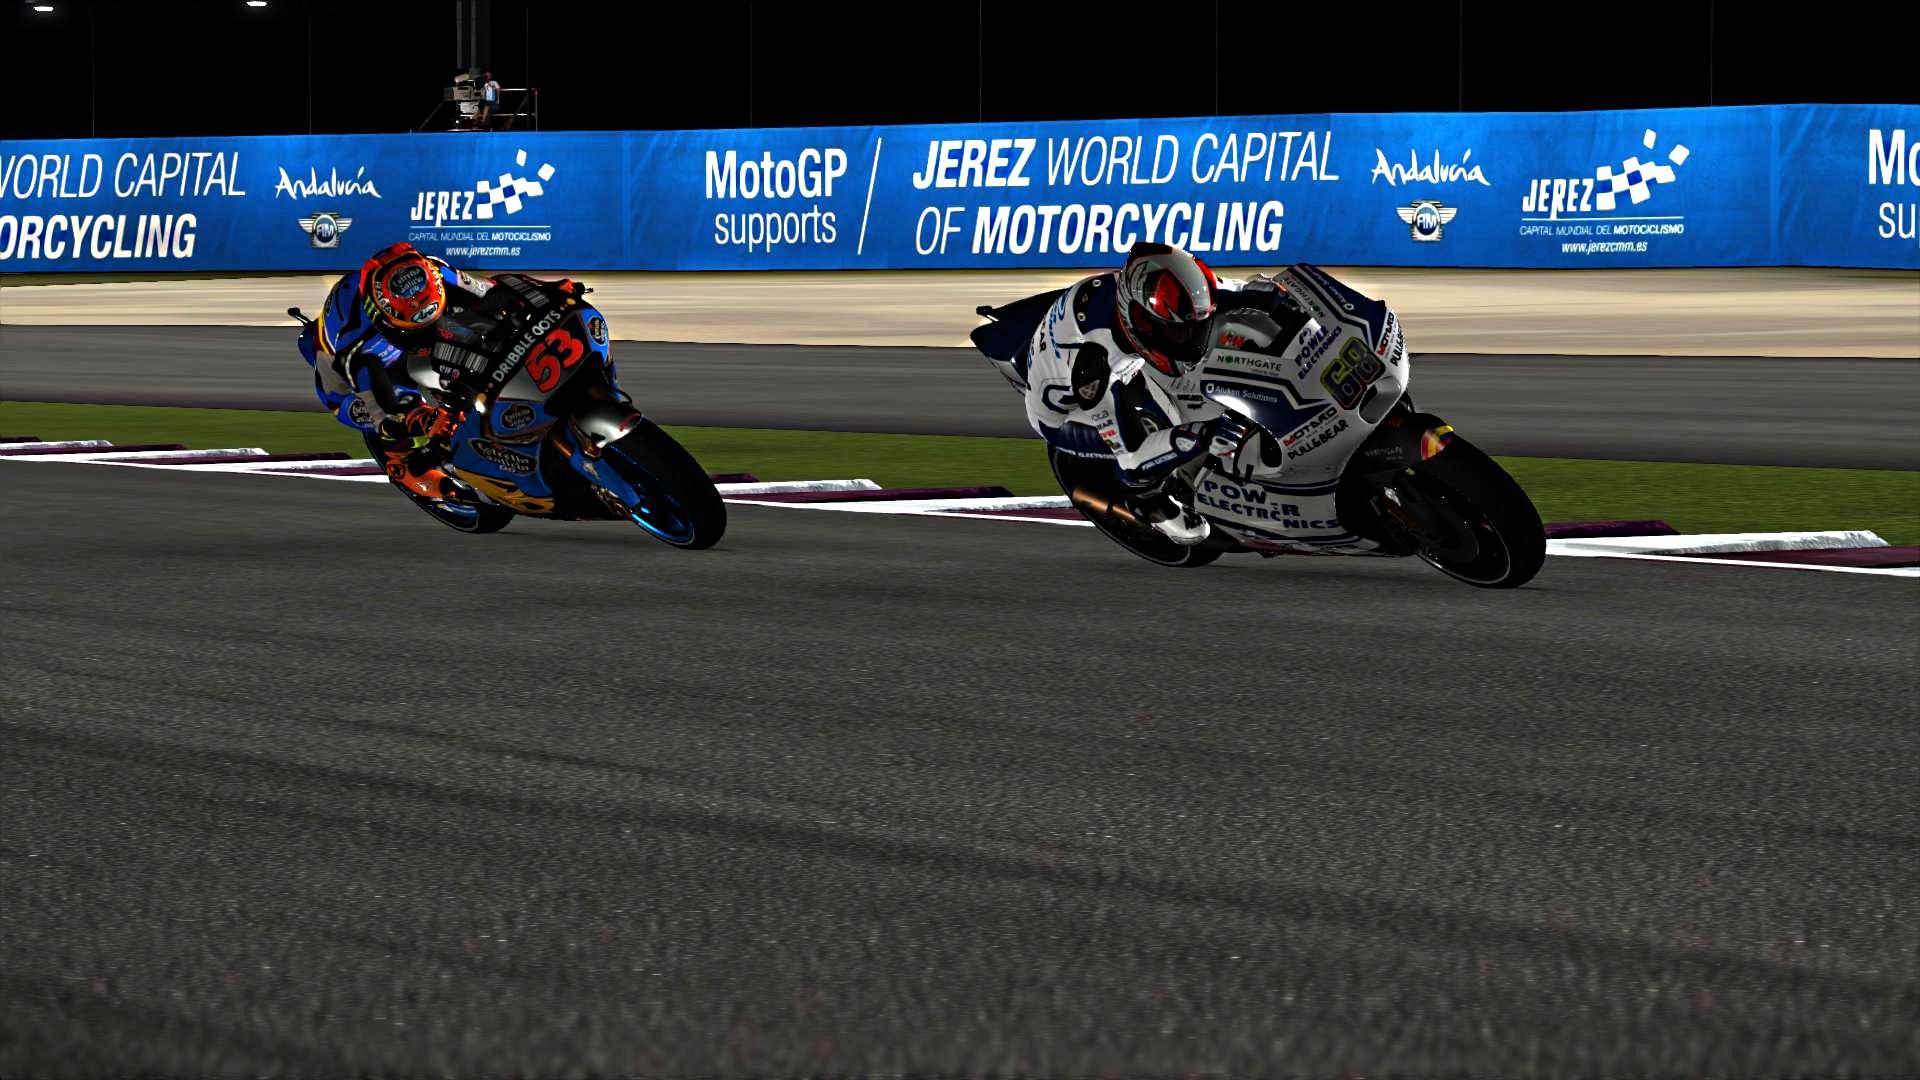 MotoGPVR46X64 2016-07-08 21-24-56-02.jpg